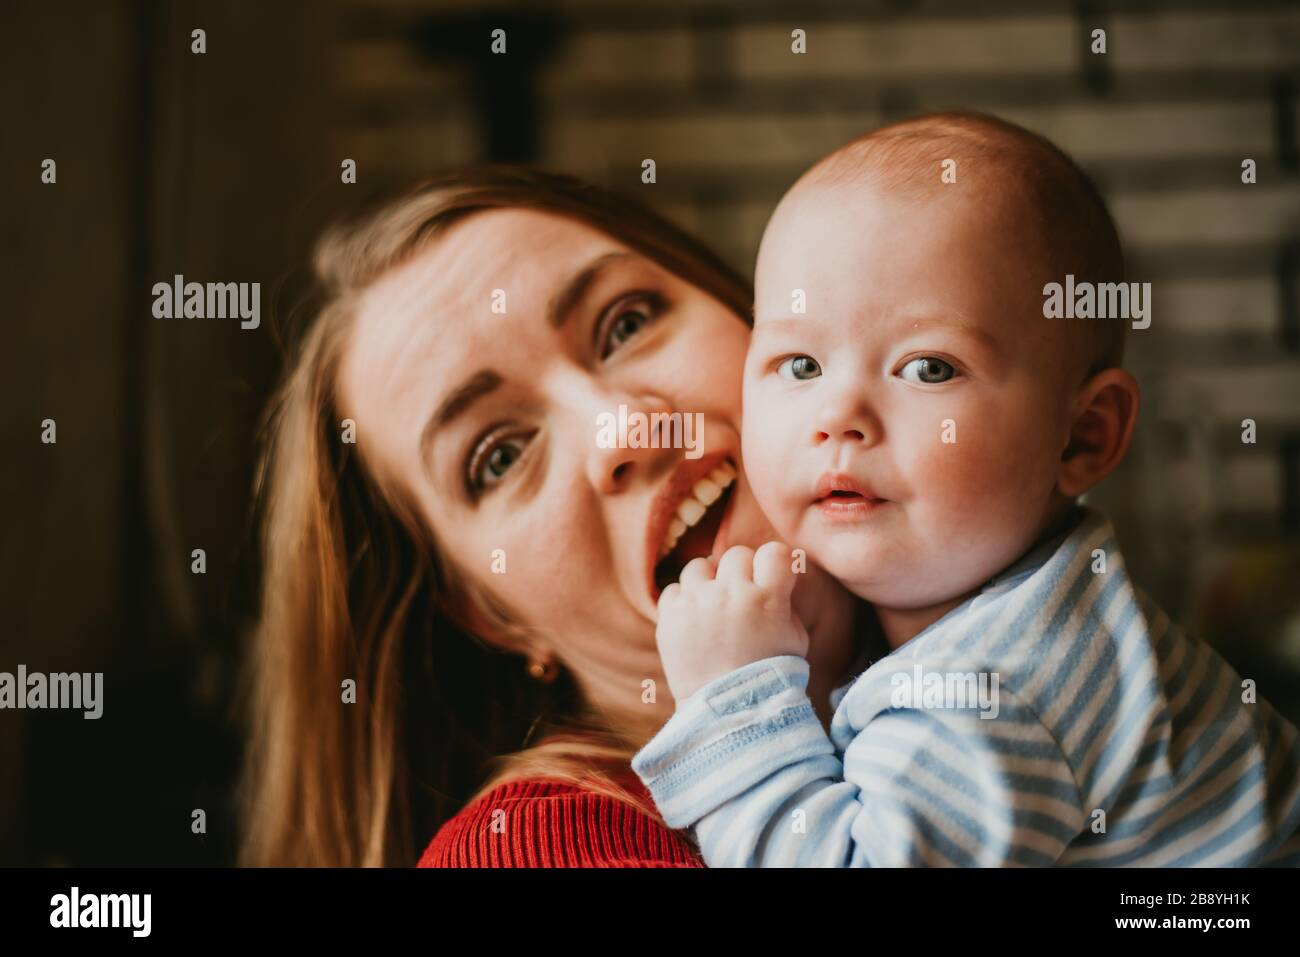 Una mamá sostiene a un bebé en sus brazos. La madre se jala a su hijo. Una mujer joven se divierte y se regocija con el niño. Una niña se embraga a un infant.Close para arriba. Foto de stock